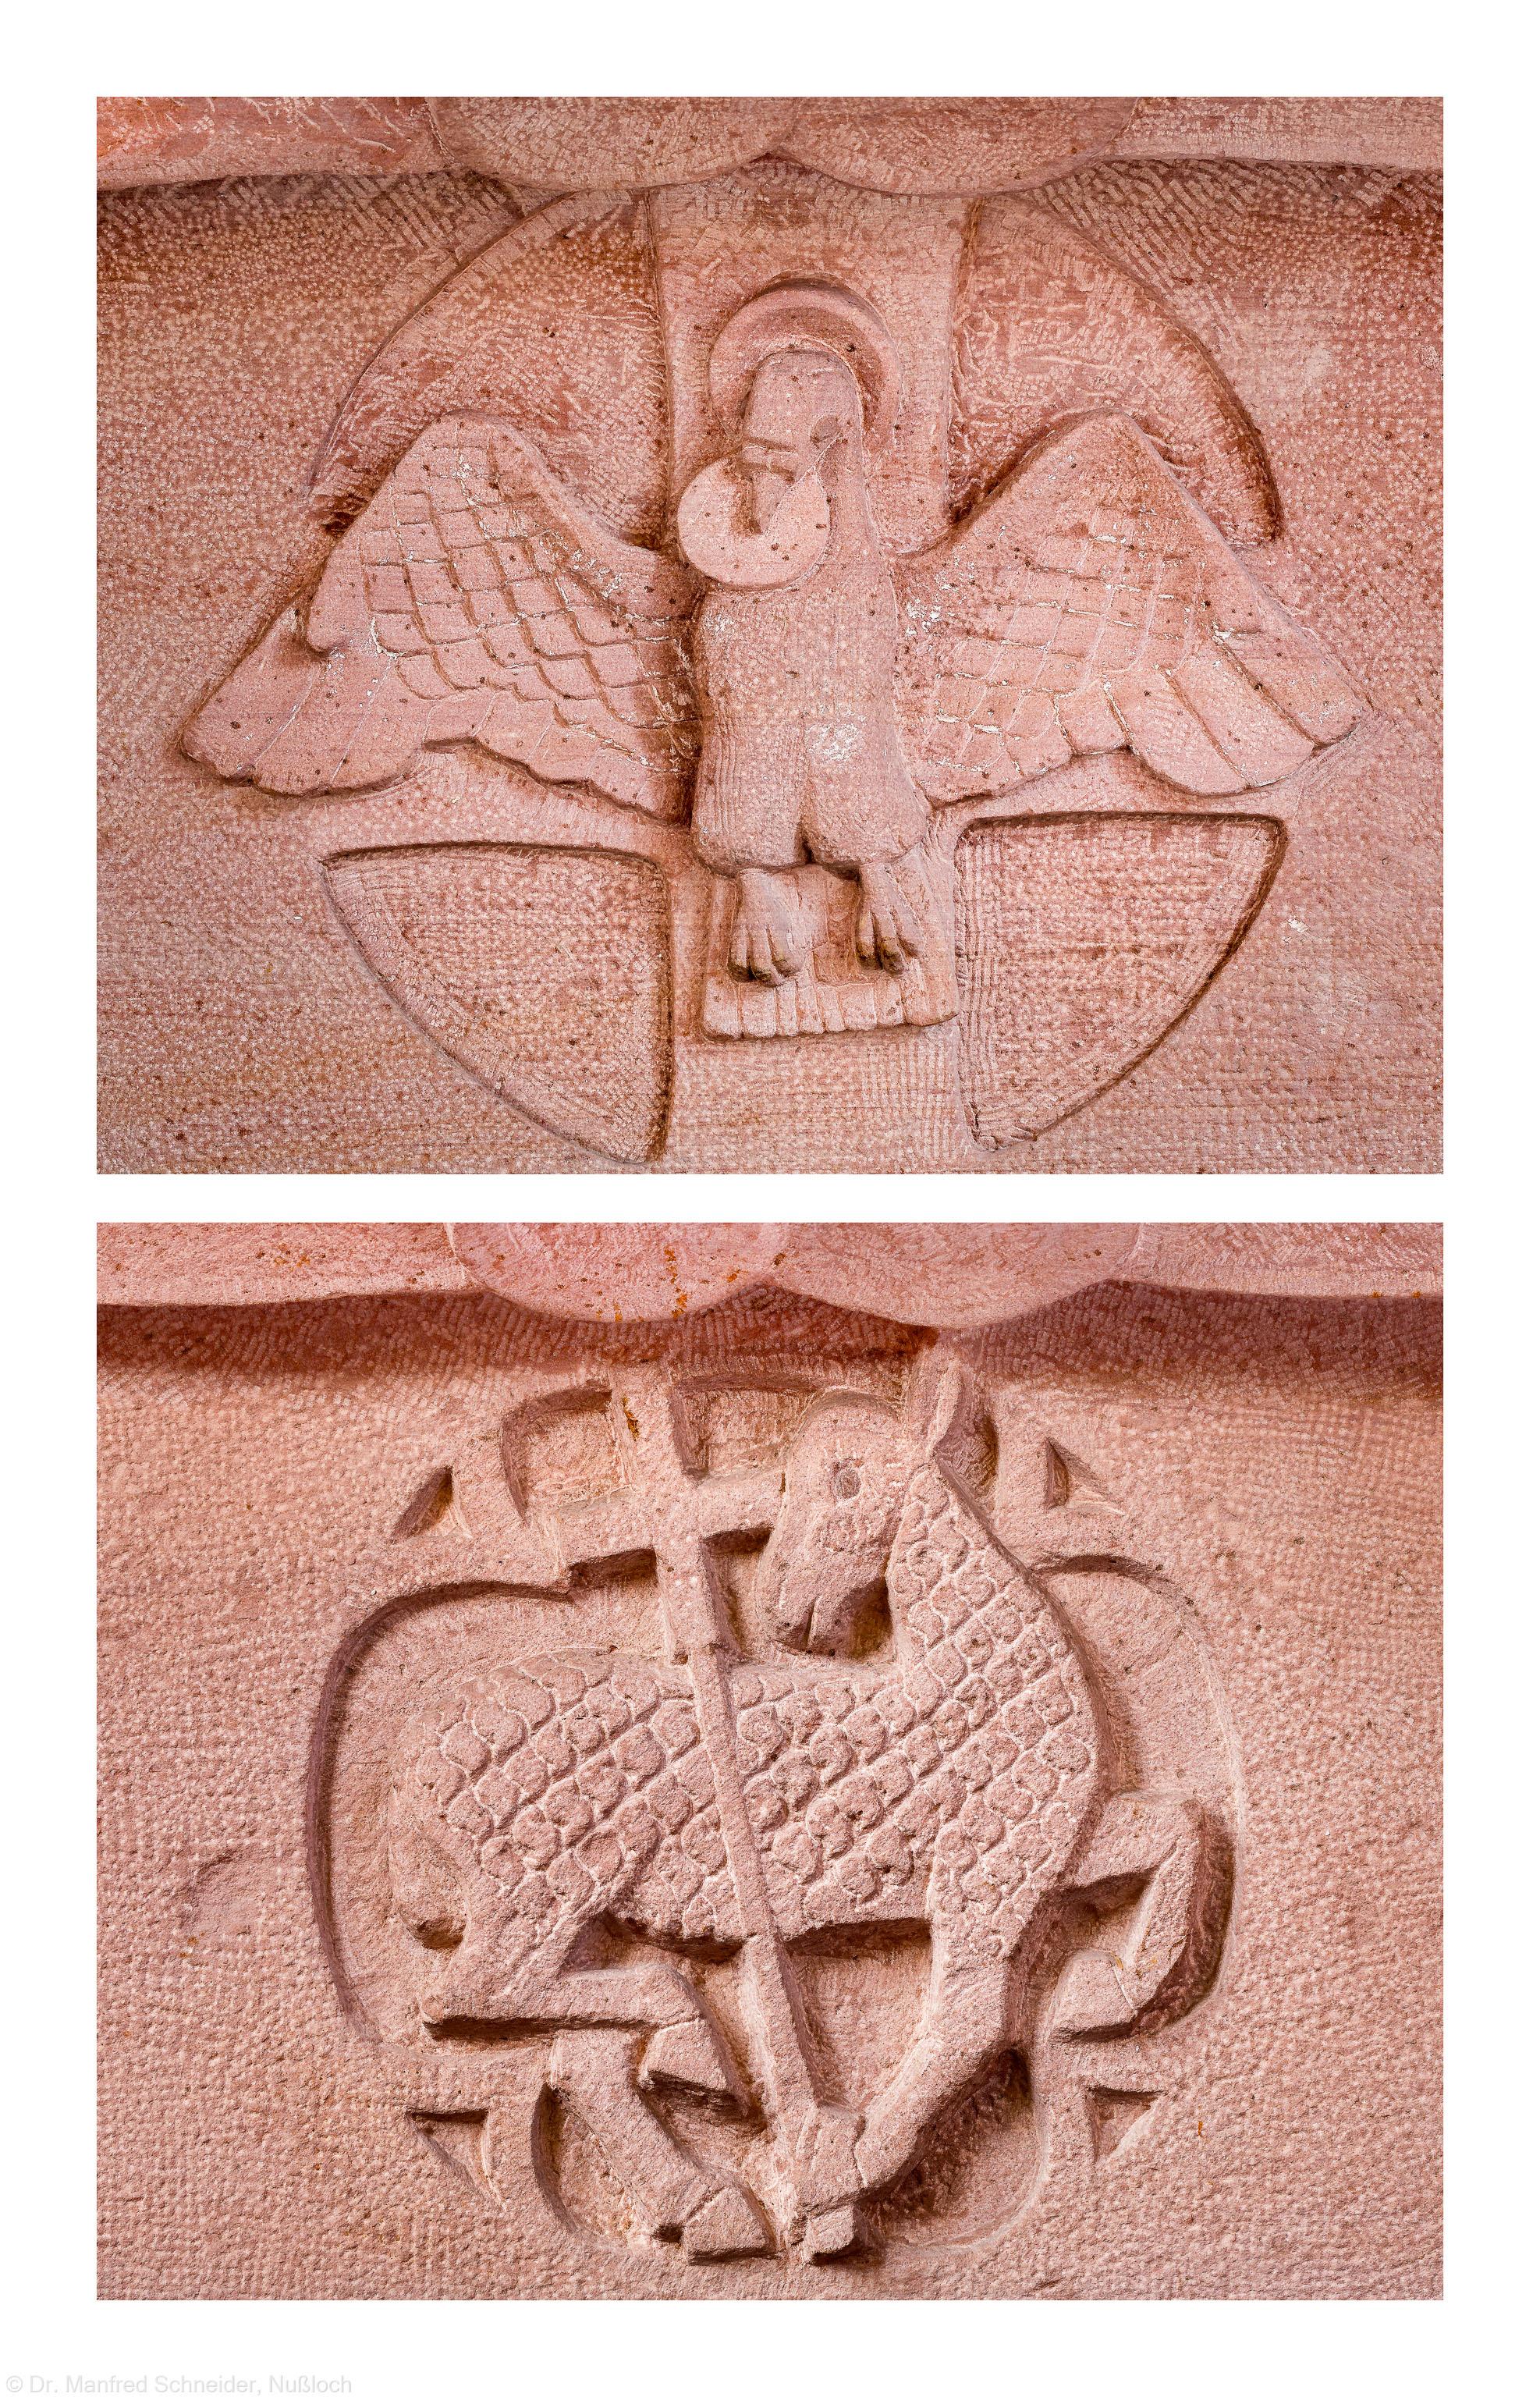 Heidelberg - Heiliggeistkirche - Altar von Edzard Hobbing - Symbole Heiliger Geist auf der Westseite und Lamm Gottes auf der Ostseite (aufgenommen im November 2013, vormittags)